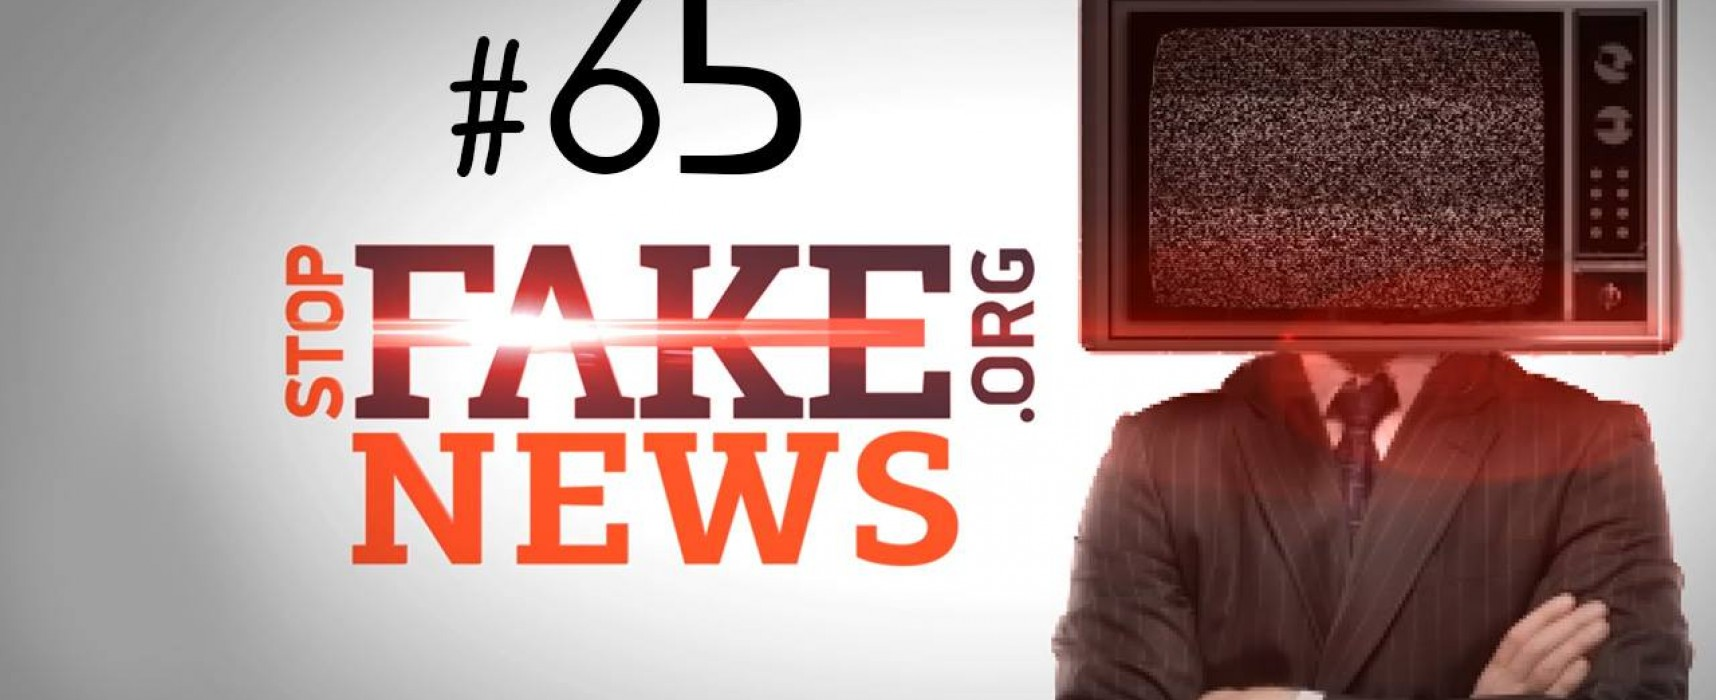 StopFakeNews #65. Антивоенный митинг в ДНР, грамматические ошибки и подозрительный эксперт